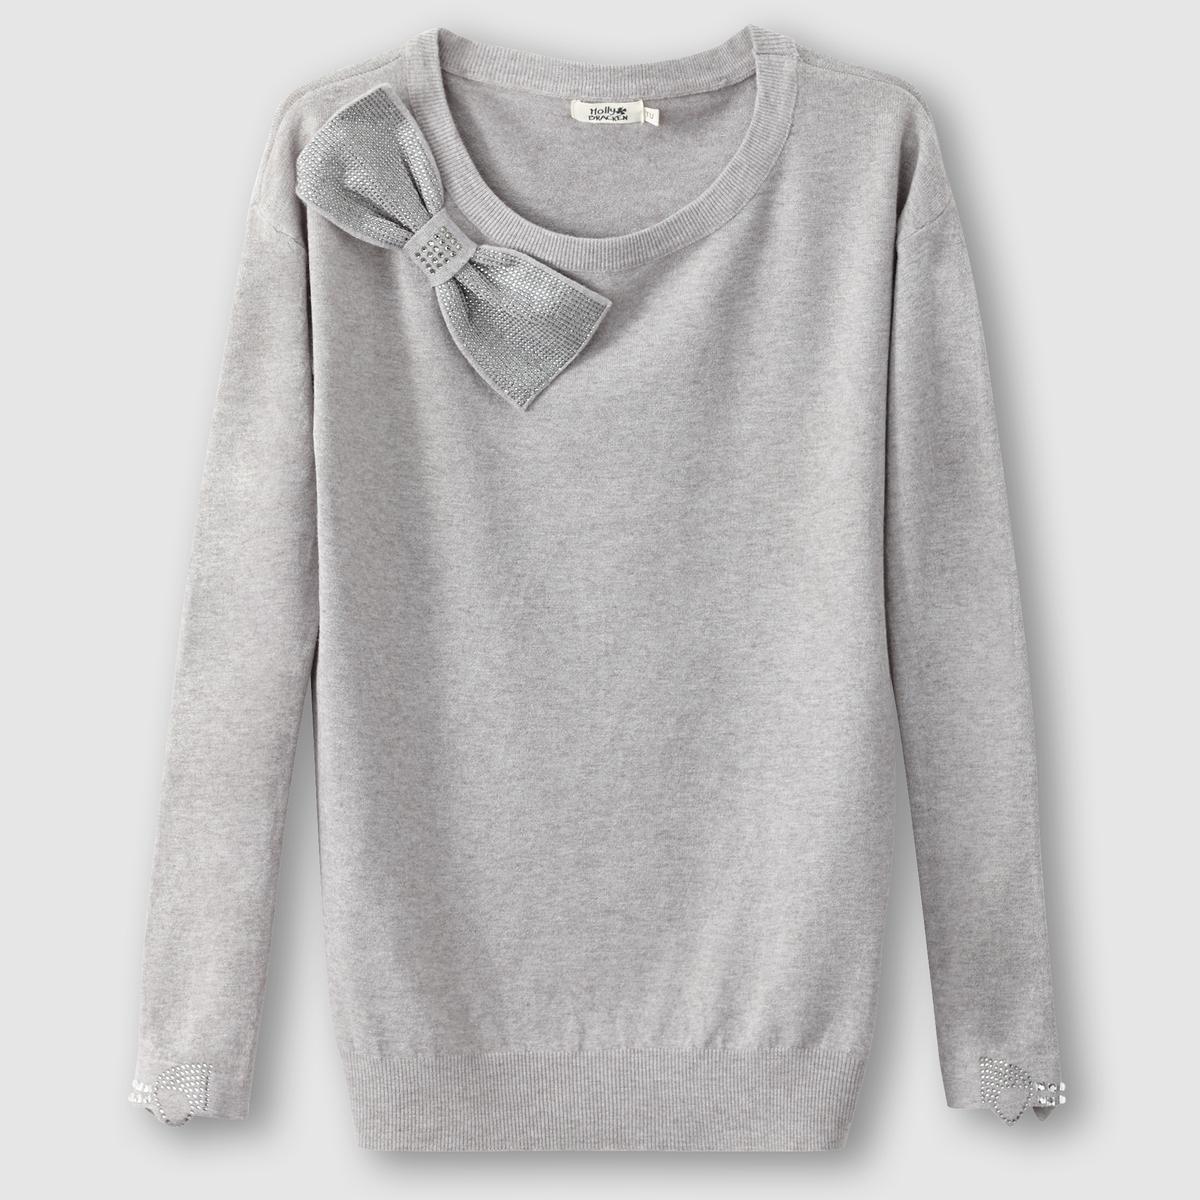 Пуловер с круглым вырезом и бантикомМатериал : 55% вискозы, 45% полиэстера   Длина рукава : длинные рукава   Форма воротника : круглый вырез   Покрой пуловера : стандартная   Рисунок : однотонная модель<br><br>Цвет: серый<br>Размер: 38/40 (FR) - 44/46 (RUS)